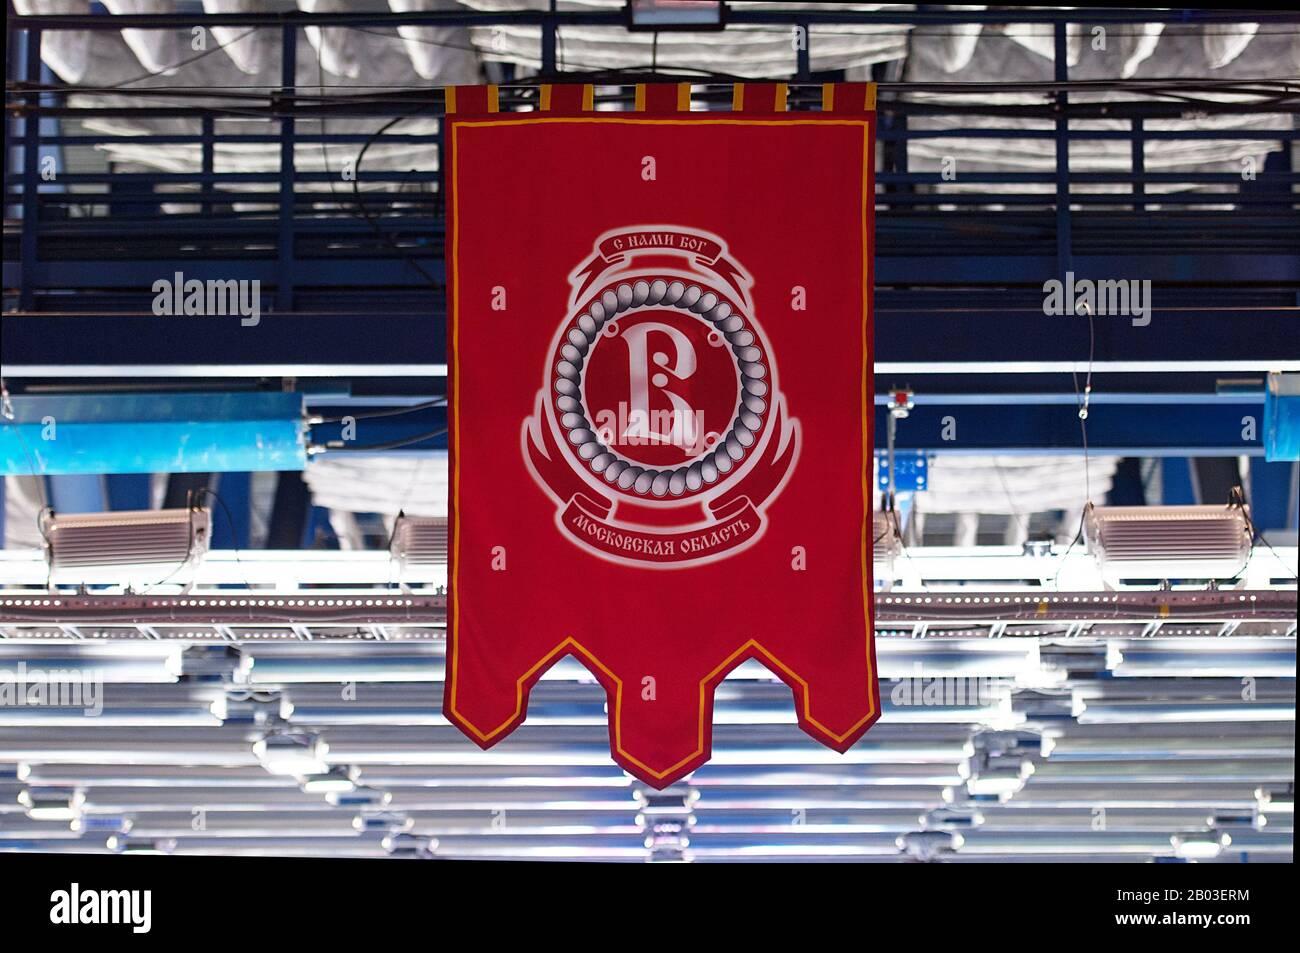 Podolsk, RUSSLAND - 25. JANUAR 2020: Witz des Vityaz-Teams beim Eishockeyspiel Vityaz vs. Lokomotiv in der russischen KHL-Meisterschaft in Podolsk. Lokomotiv gewann 5:2 Stockfoto